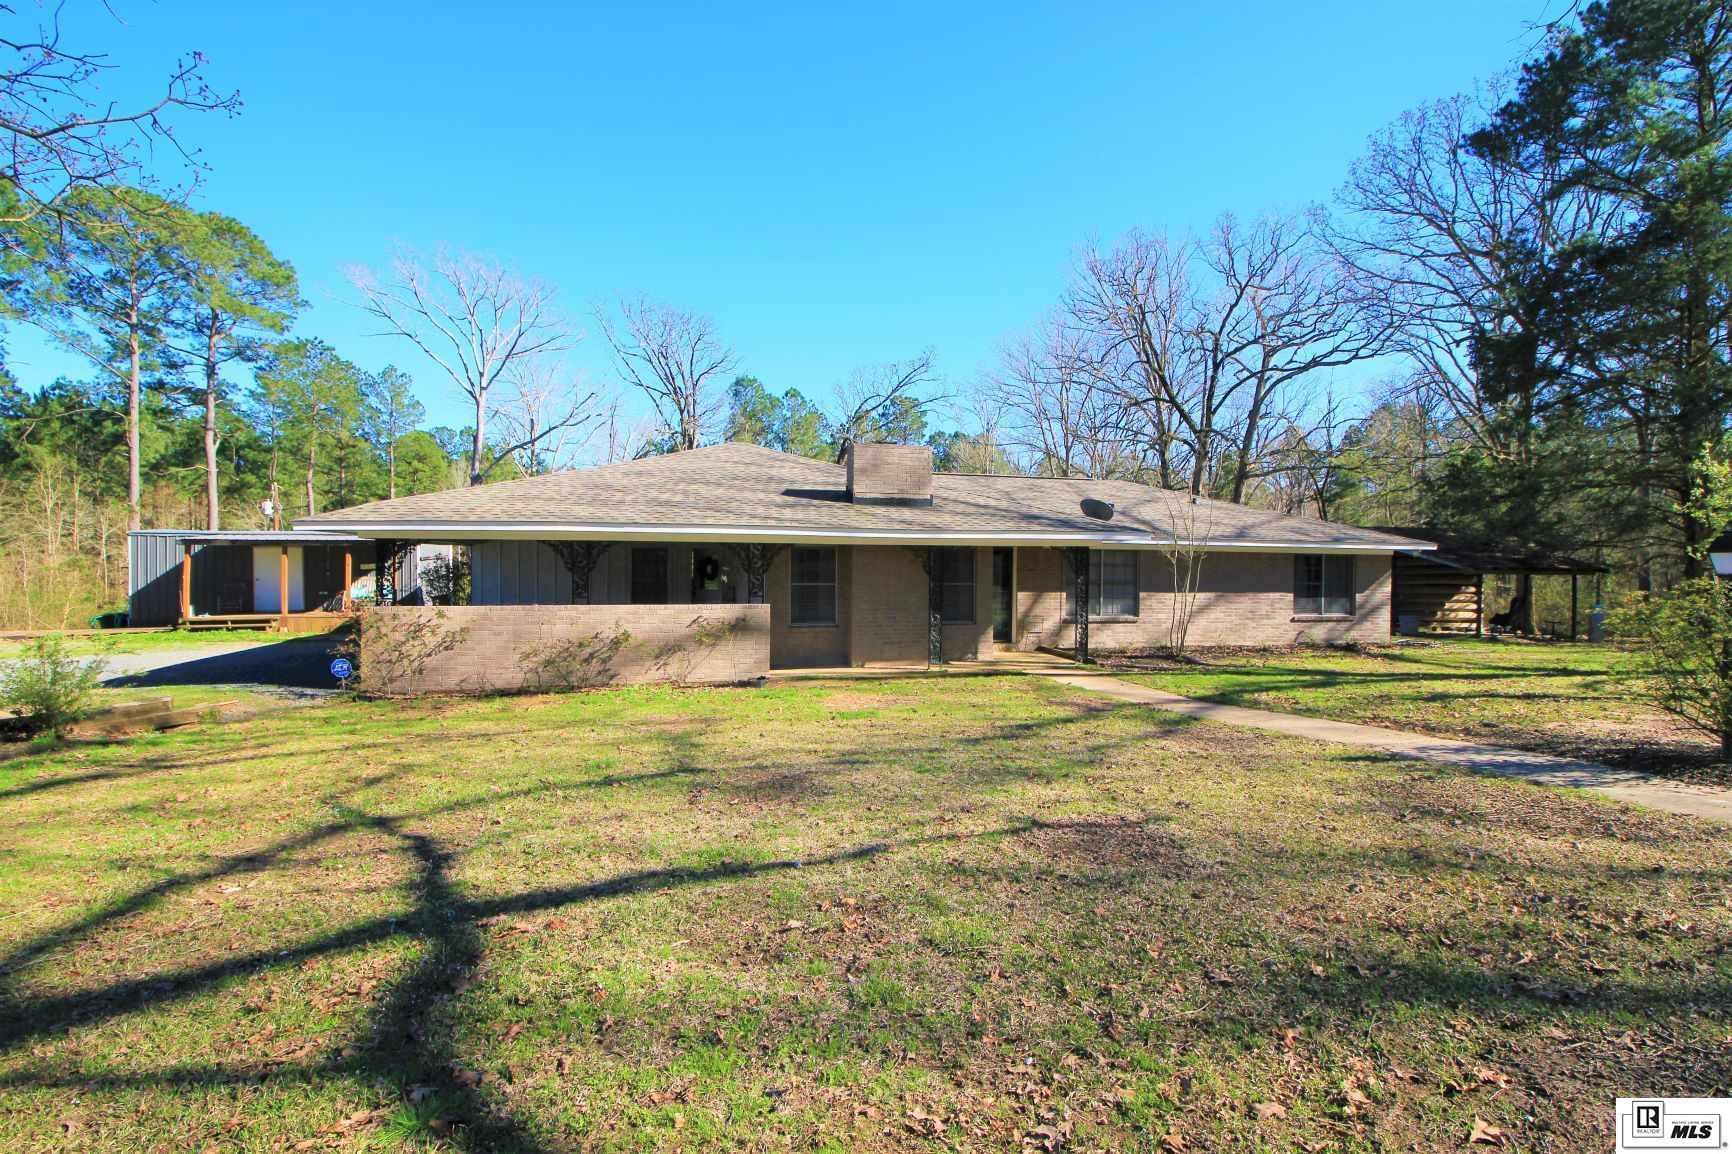 2292 BROWNLEE ROAD, 164 N Calhoun-Pine Hills to Hwy